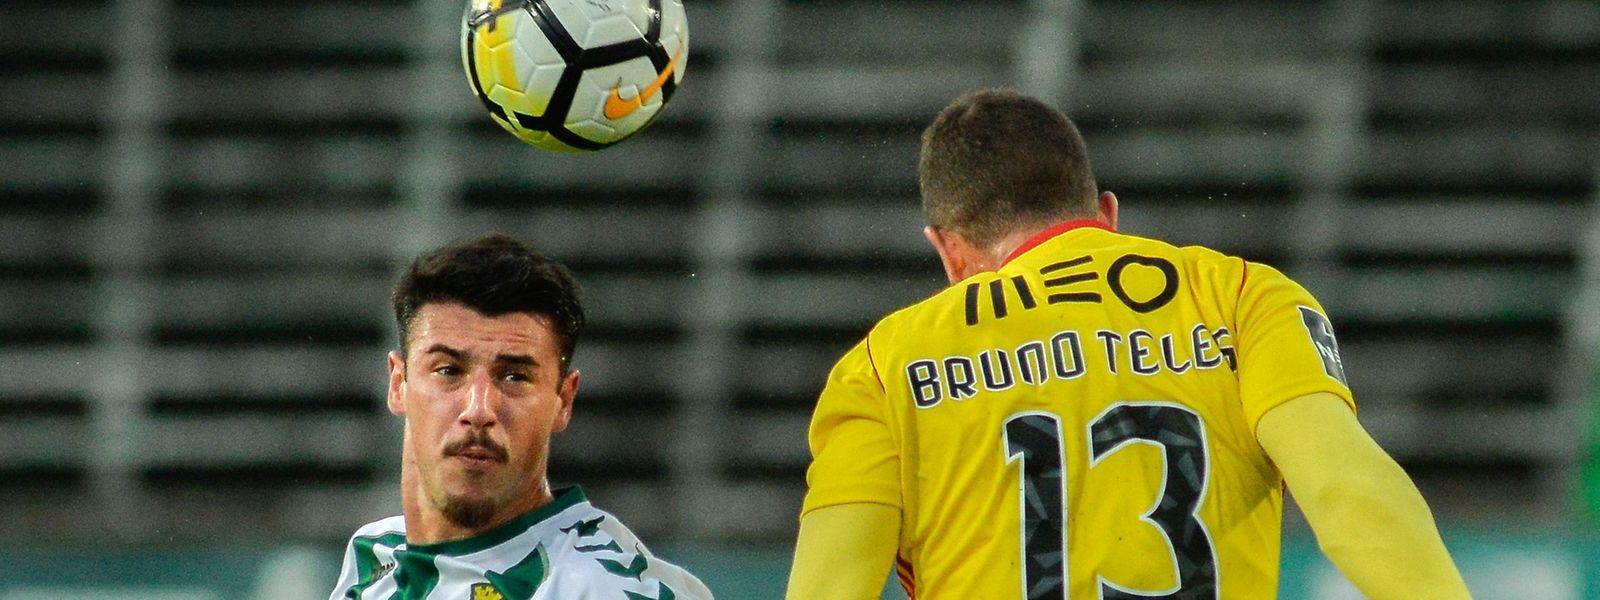 O jogador do Vitória de Setúbal, André Pereira (esquerda) é um dos trunfos da formação sadina na receção ao Portimonense